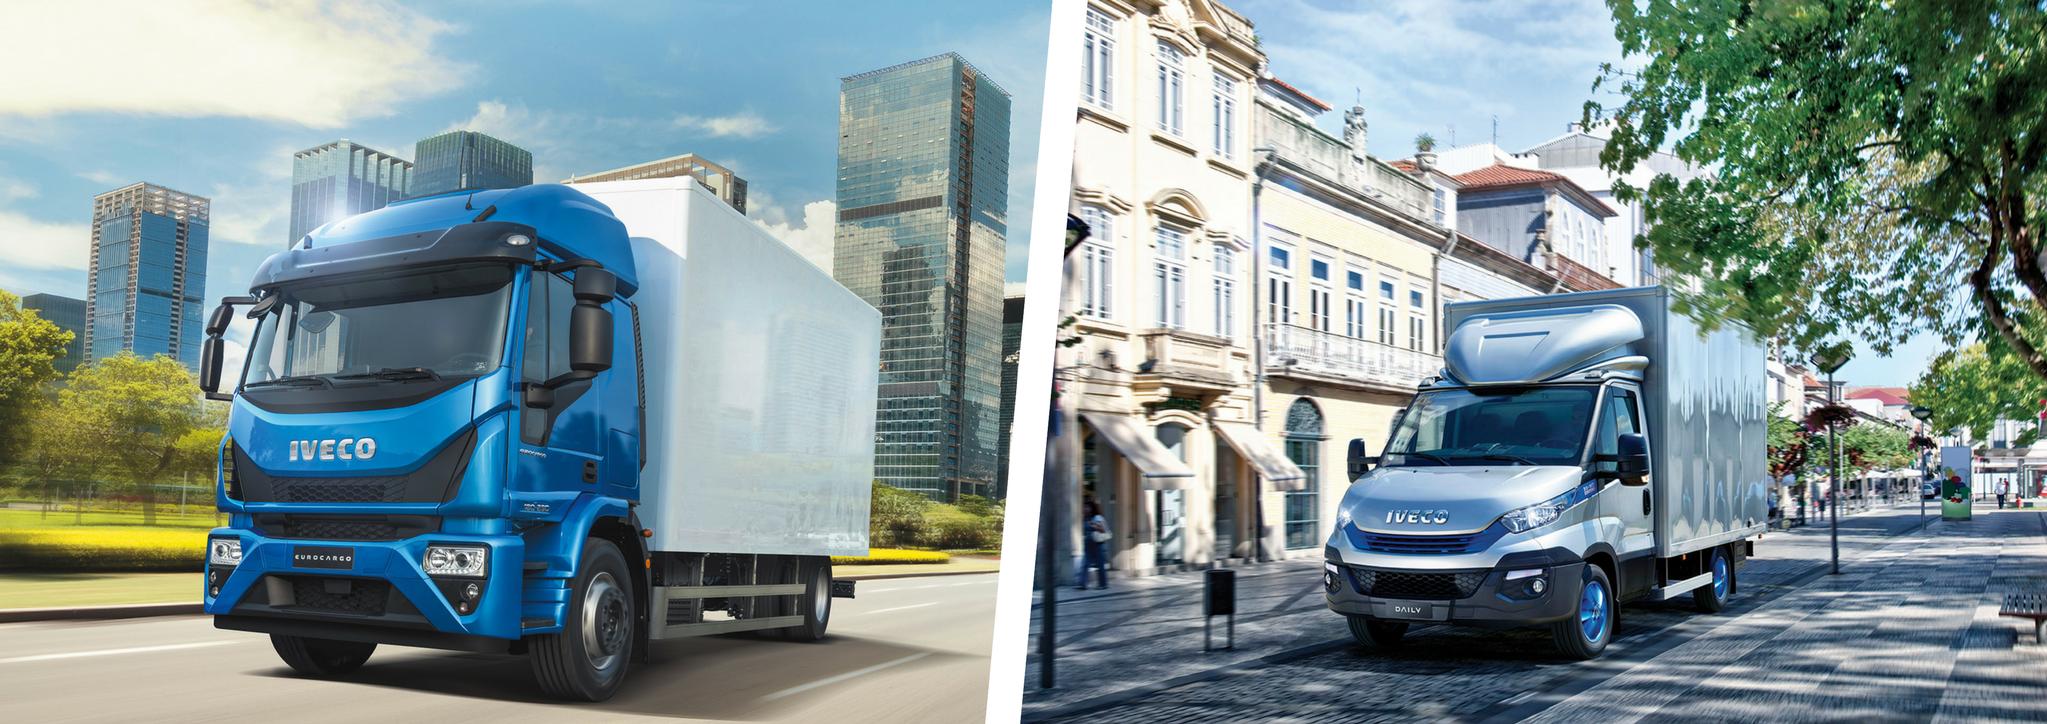 Kiezen voor een vrachtwagen of bestelwagen